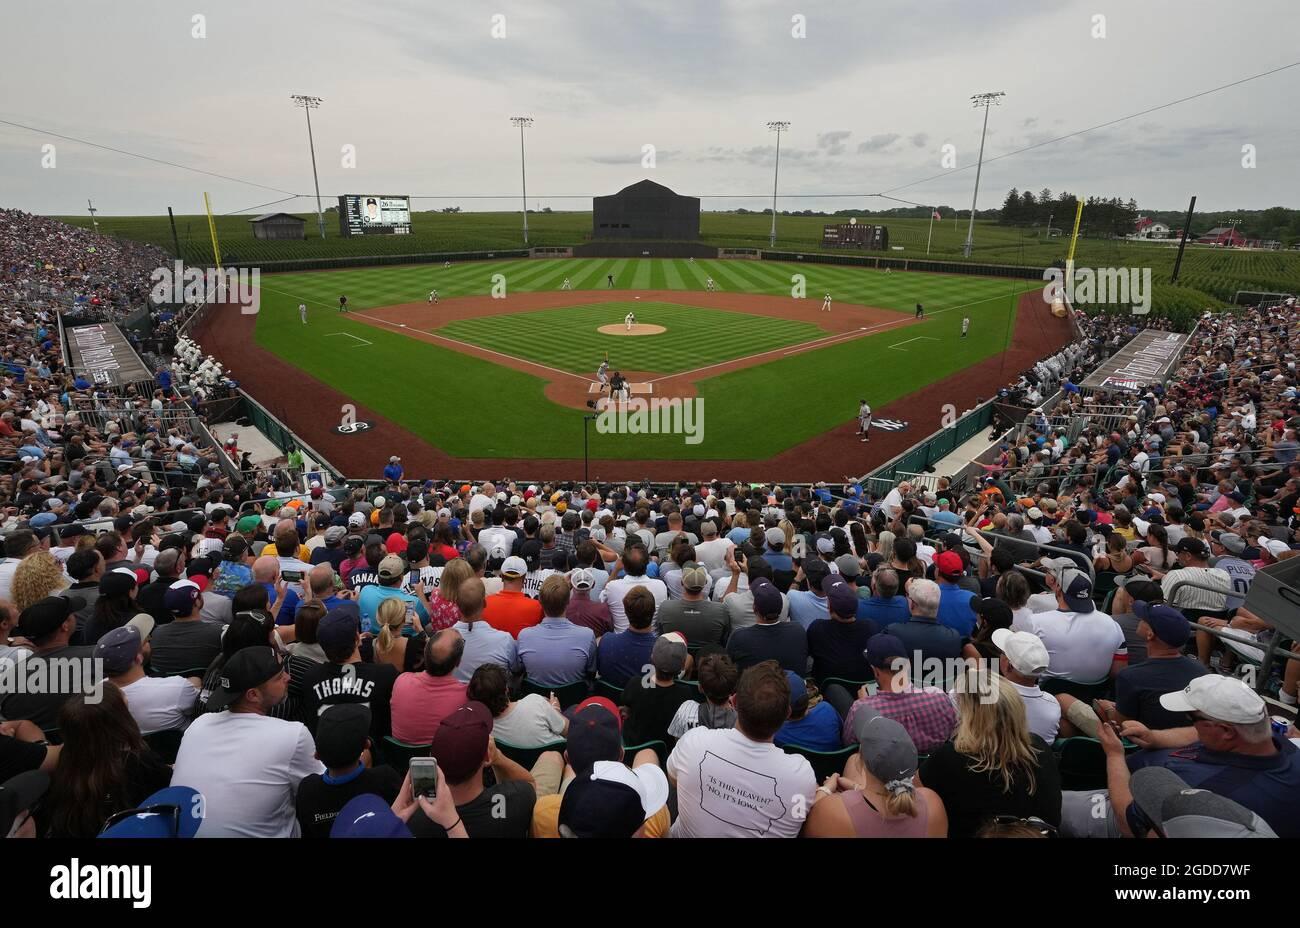 Dyersville, Usa. August 2021. Chicago White Sox Starterkrug Lance Lynn (33) liefert die erste Seillänge gegen die New York Yankees während des MLB Field of Dreams Game in Dyersville, Iowa, Donnerstag, 12. August 2021. Foto von Pat Benic/UPI Credit: UPI/Alamy Live News Stockfoto